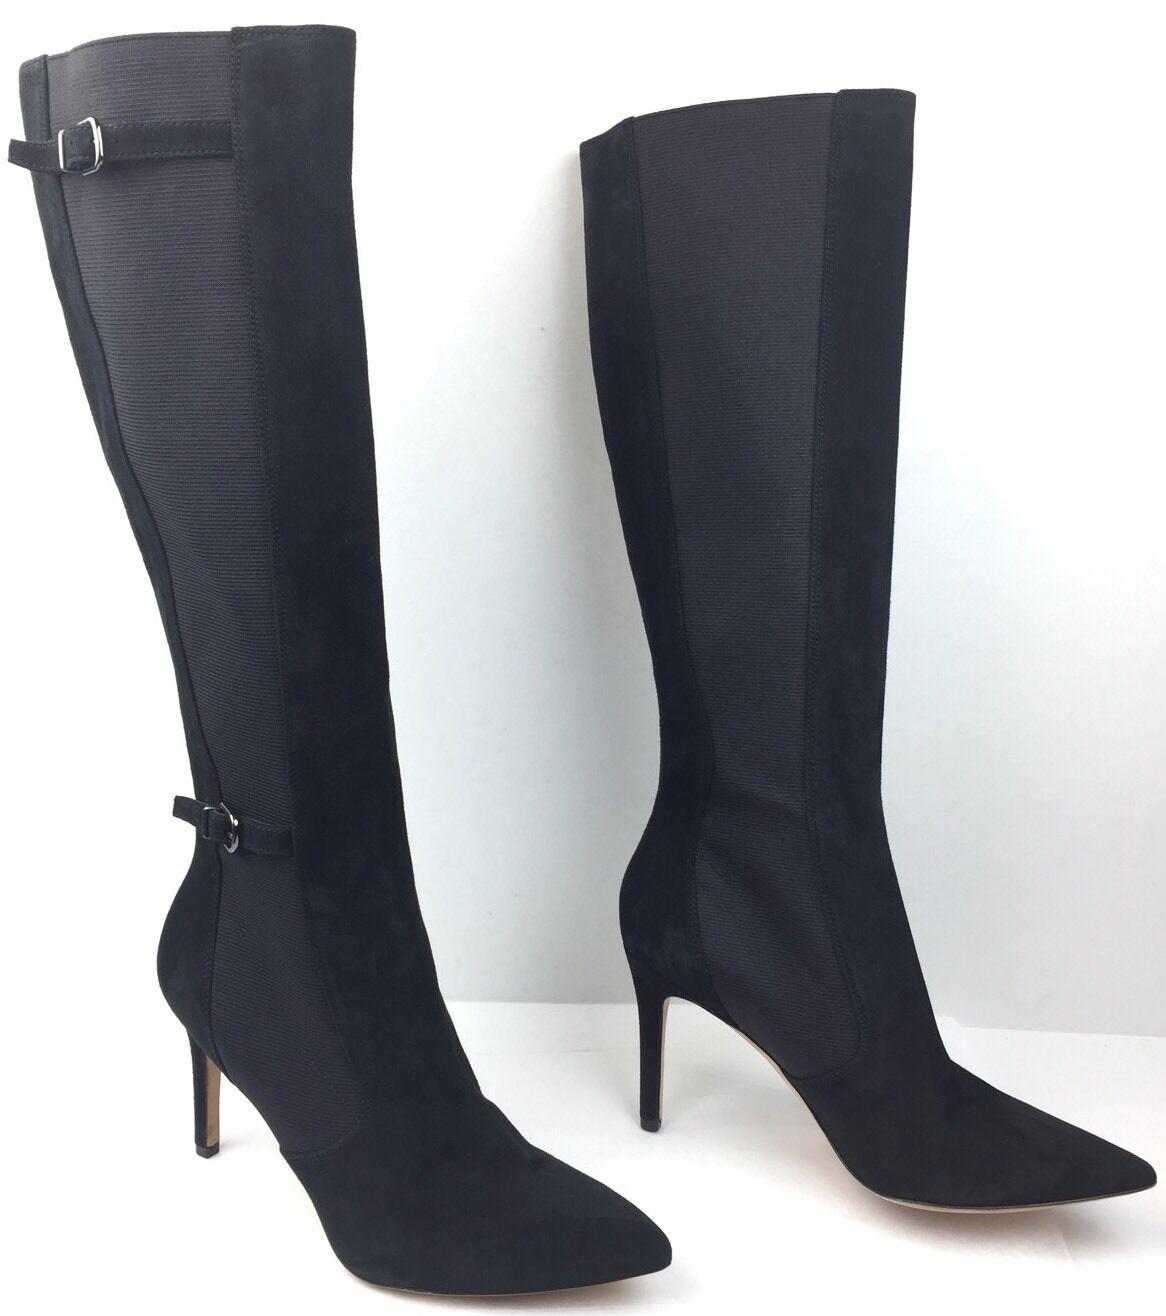 negozio a basso costo VIA SPIGA CECIL CECIL CECIL Donna  nero Suede Pointy Toe Knee High Heel stivali sz  US 9.5  è scontato